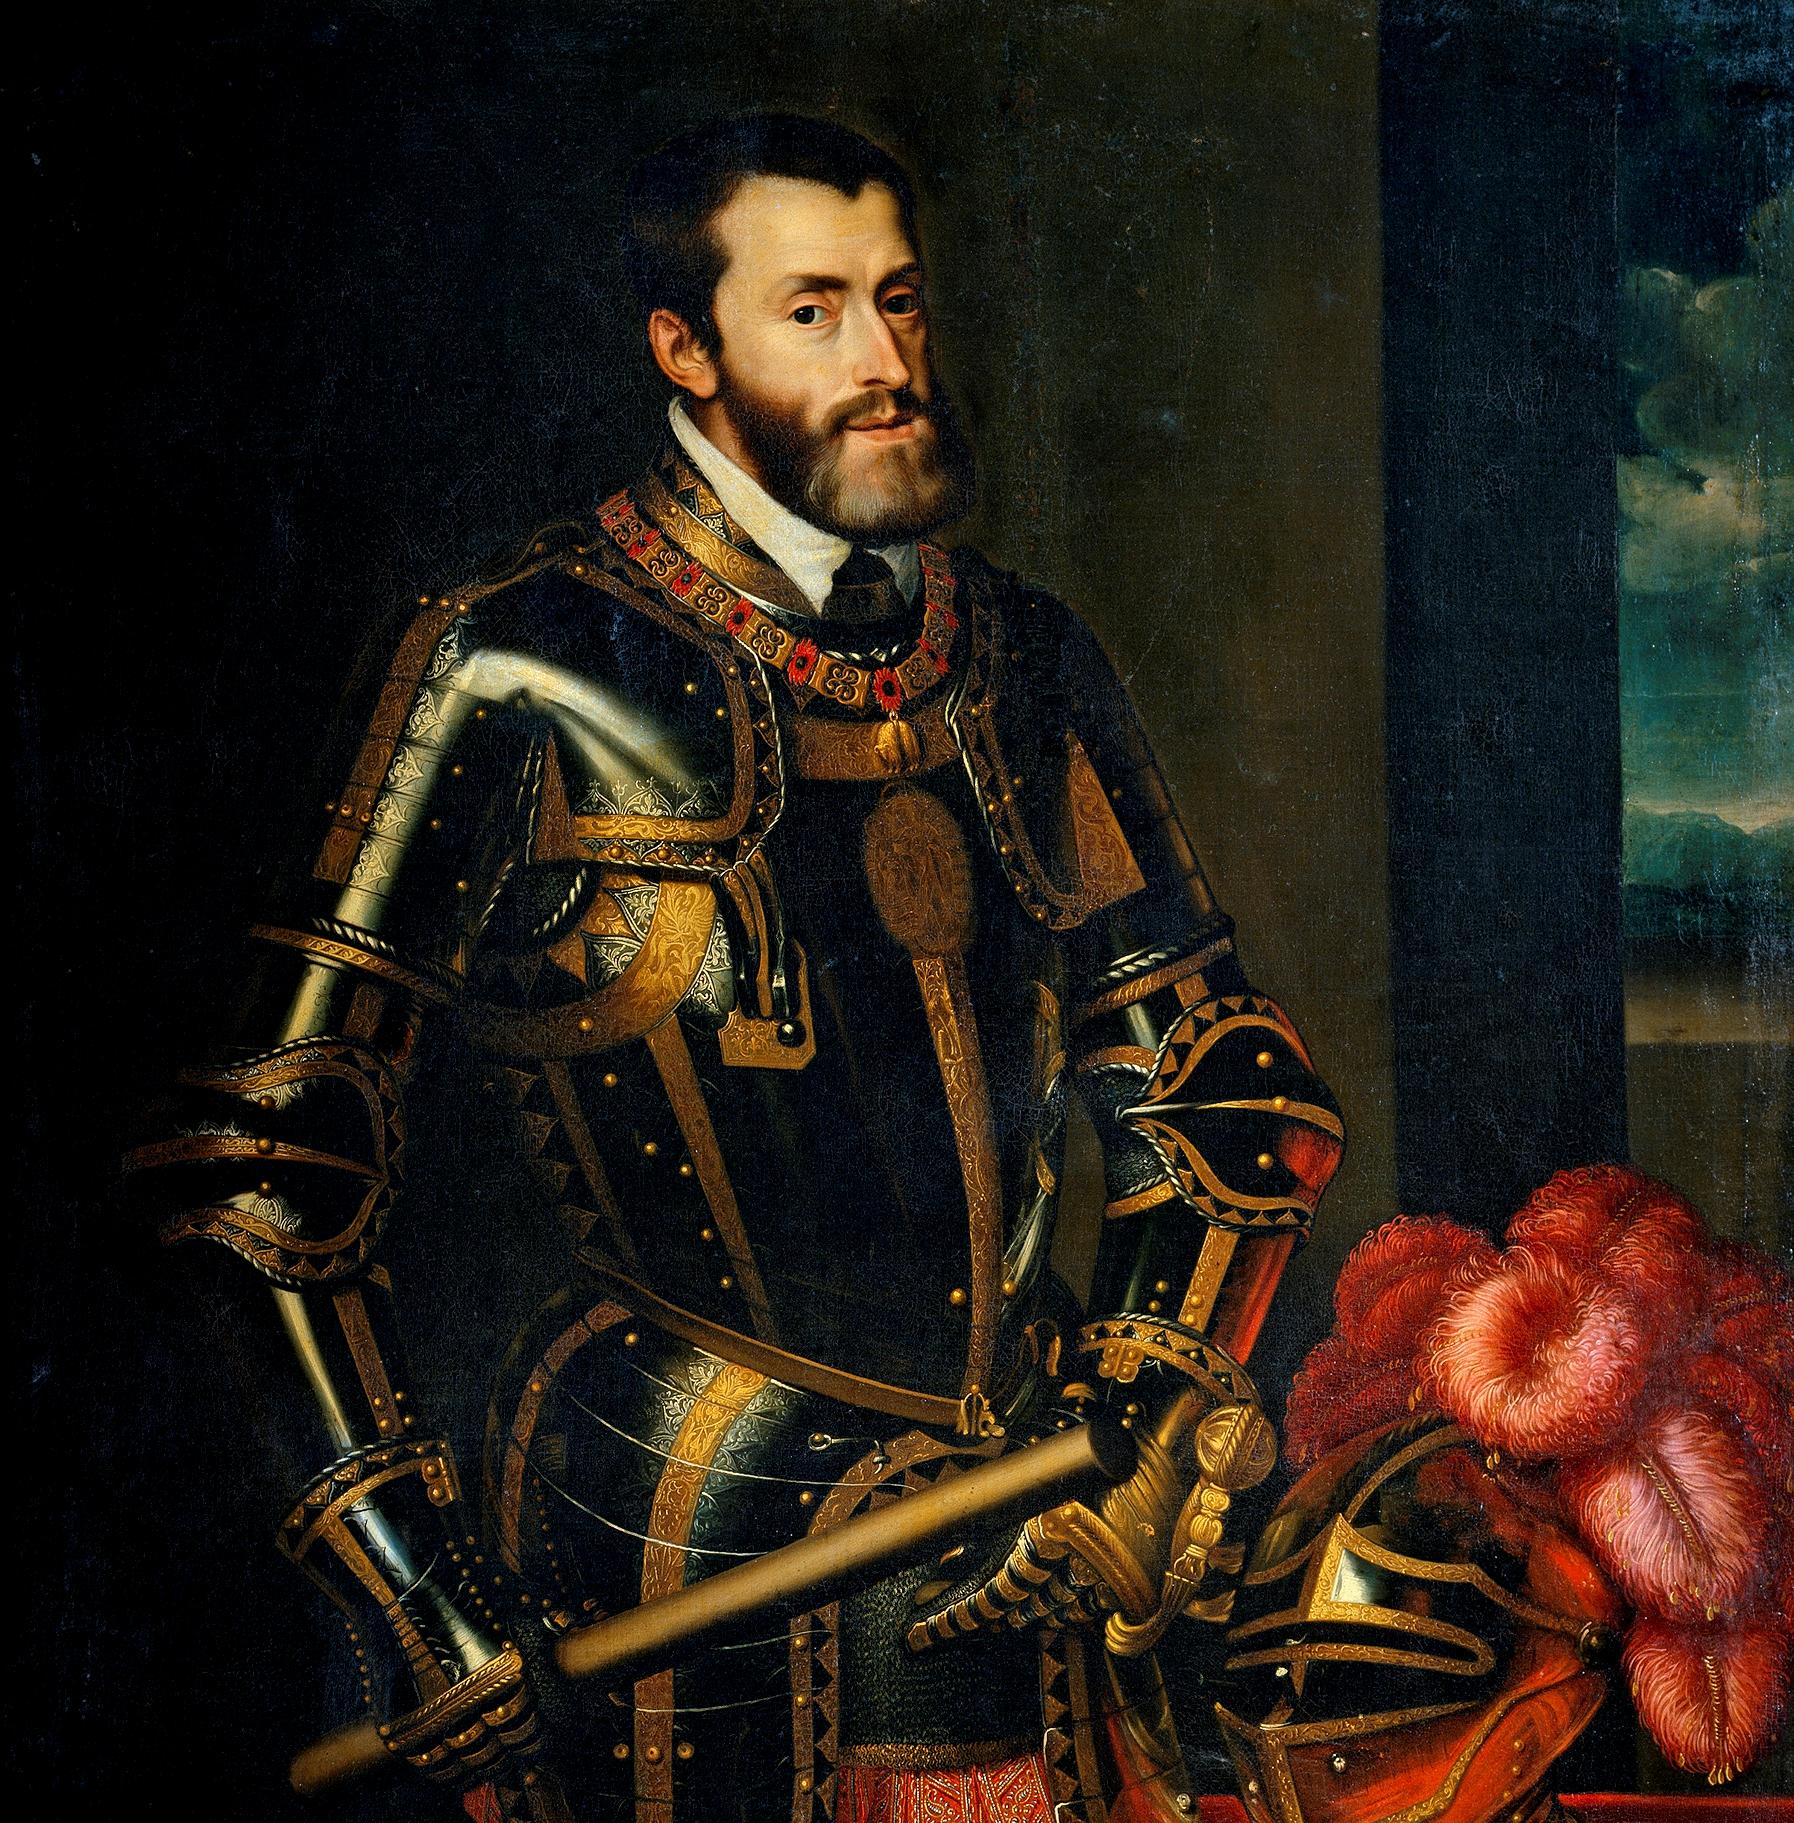 Archivo:Emperor charles v.png